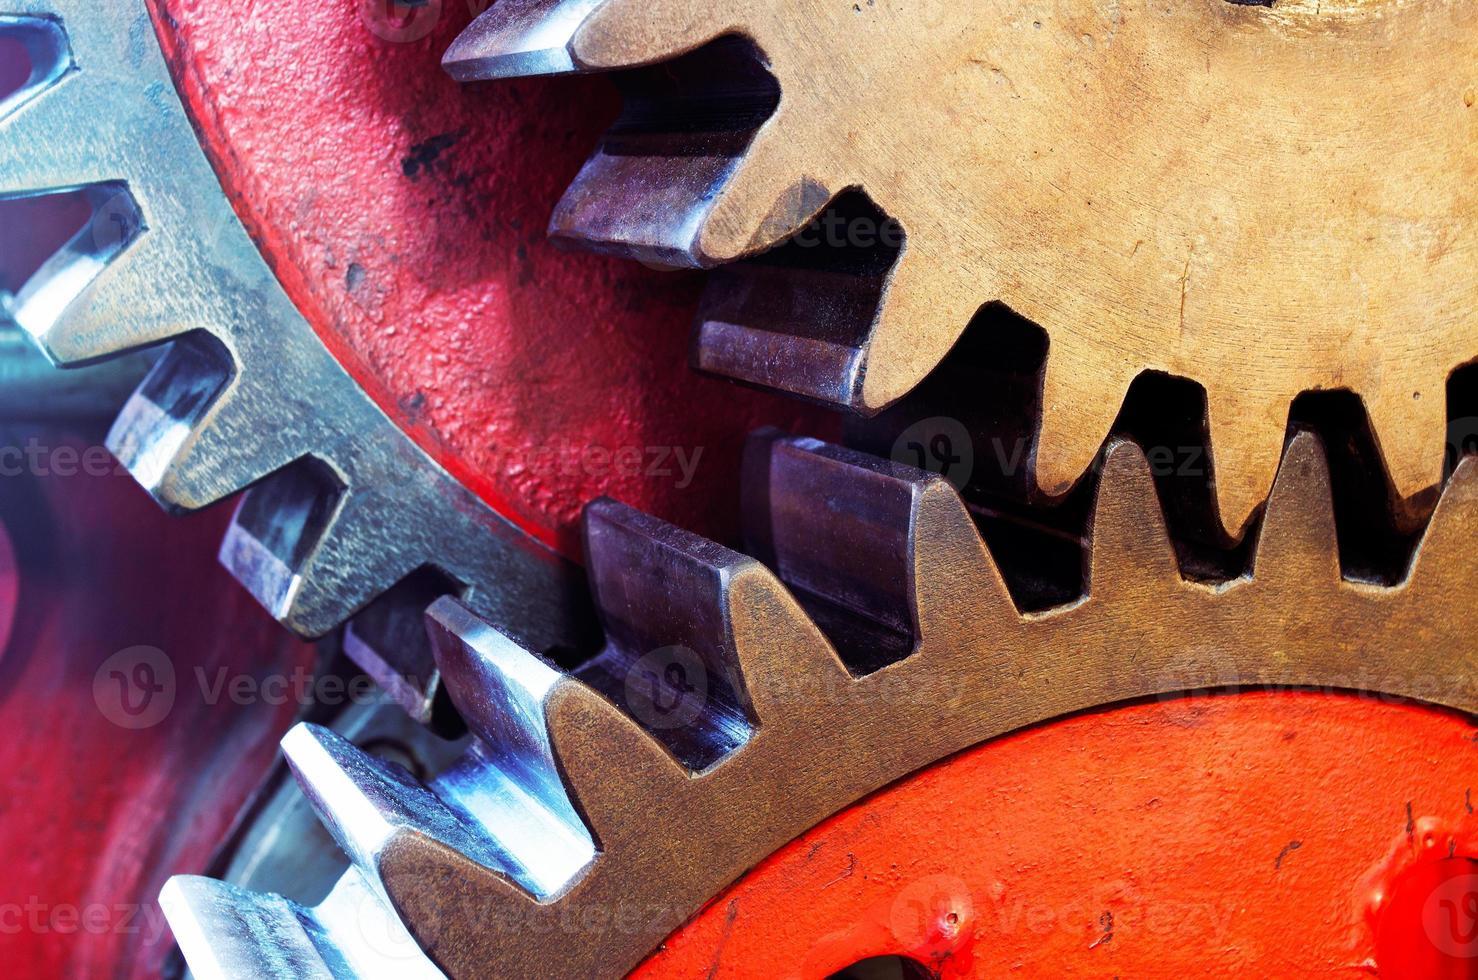 El piñón de la máquina mecánica en la fábrica. foto